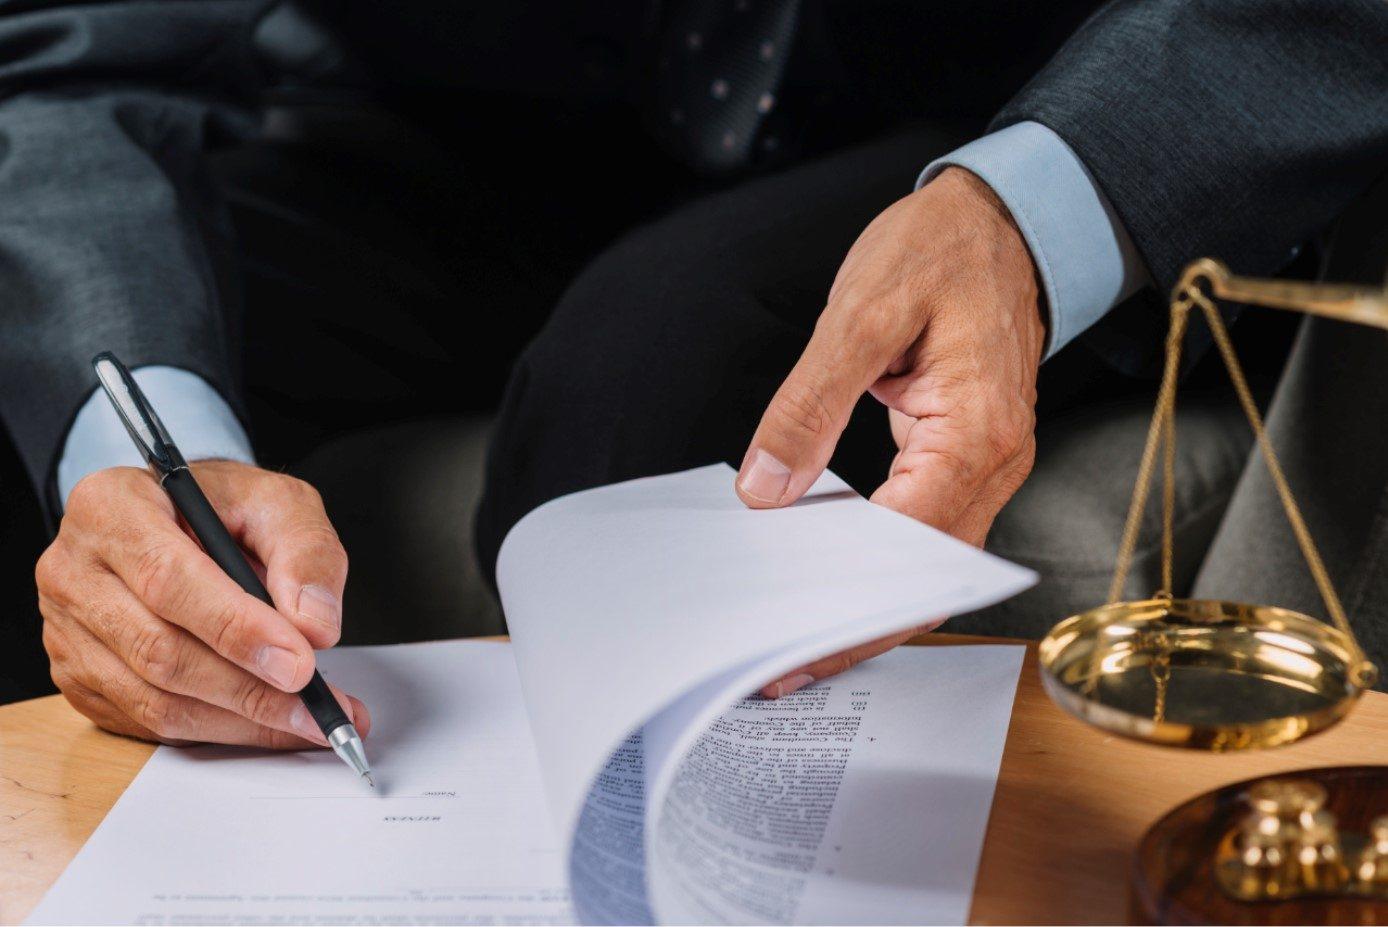 Kiralanan Taşınmazların İlamsız İcra Yoluyla Tahliyesi | Hukuk ...